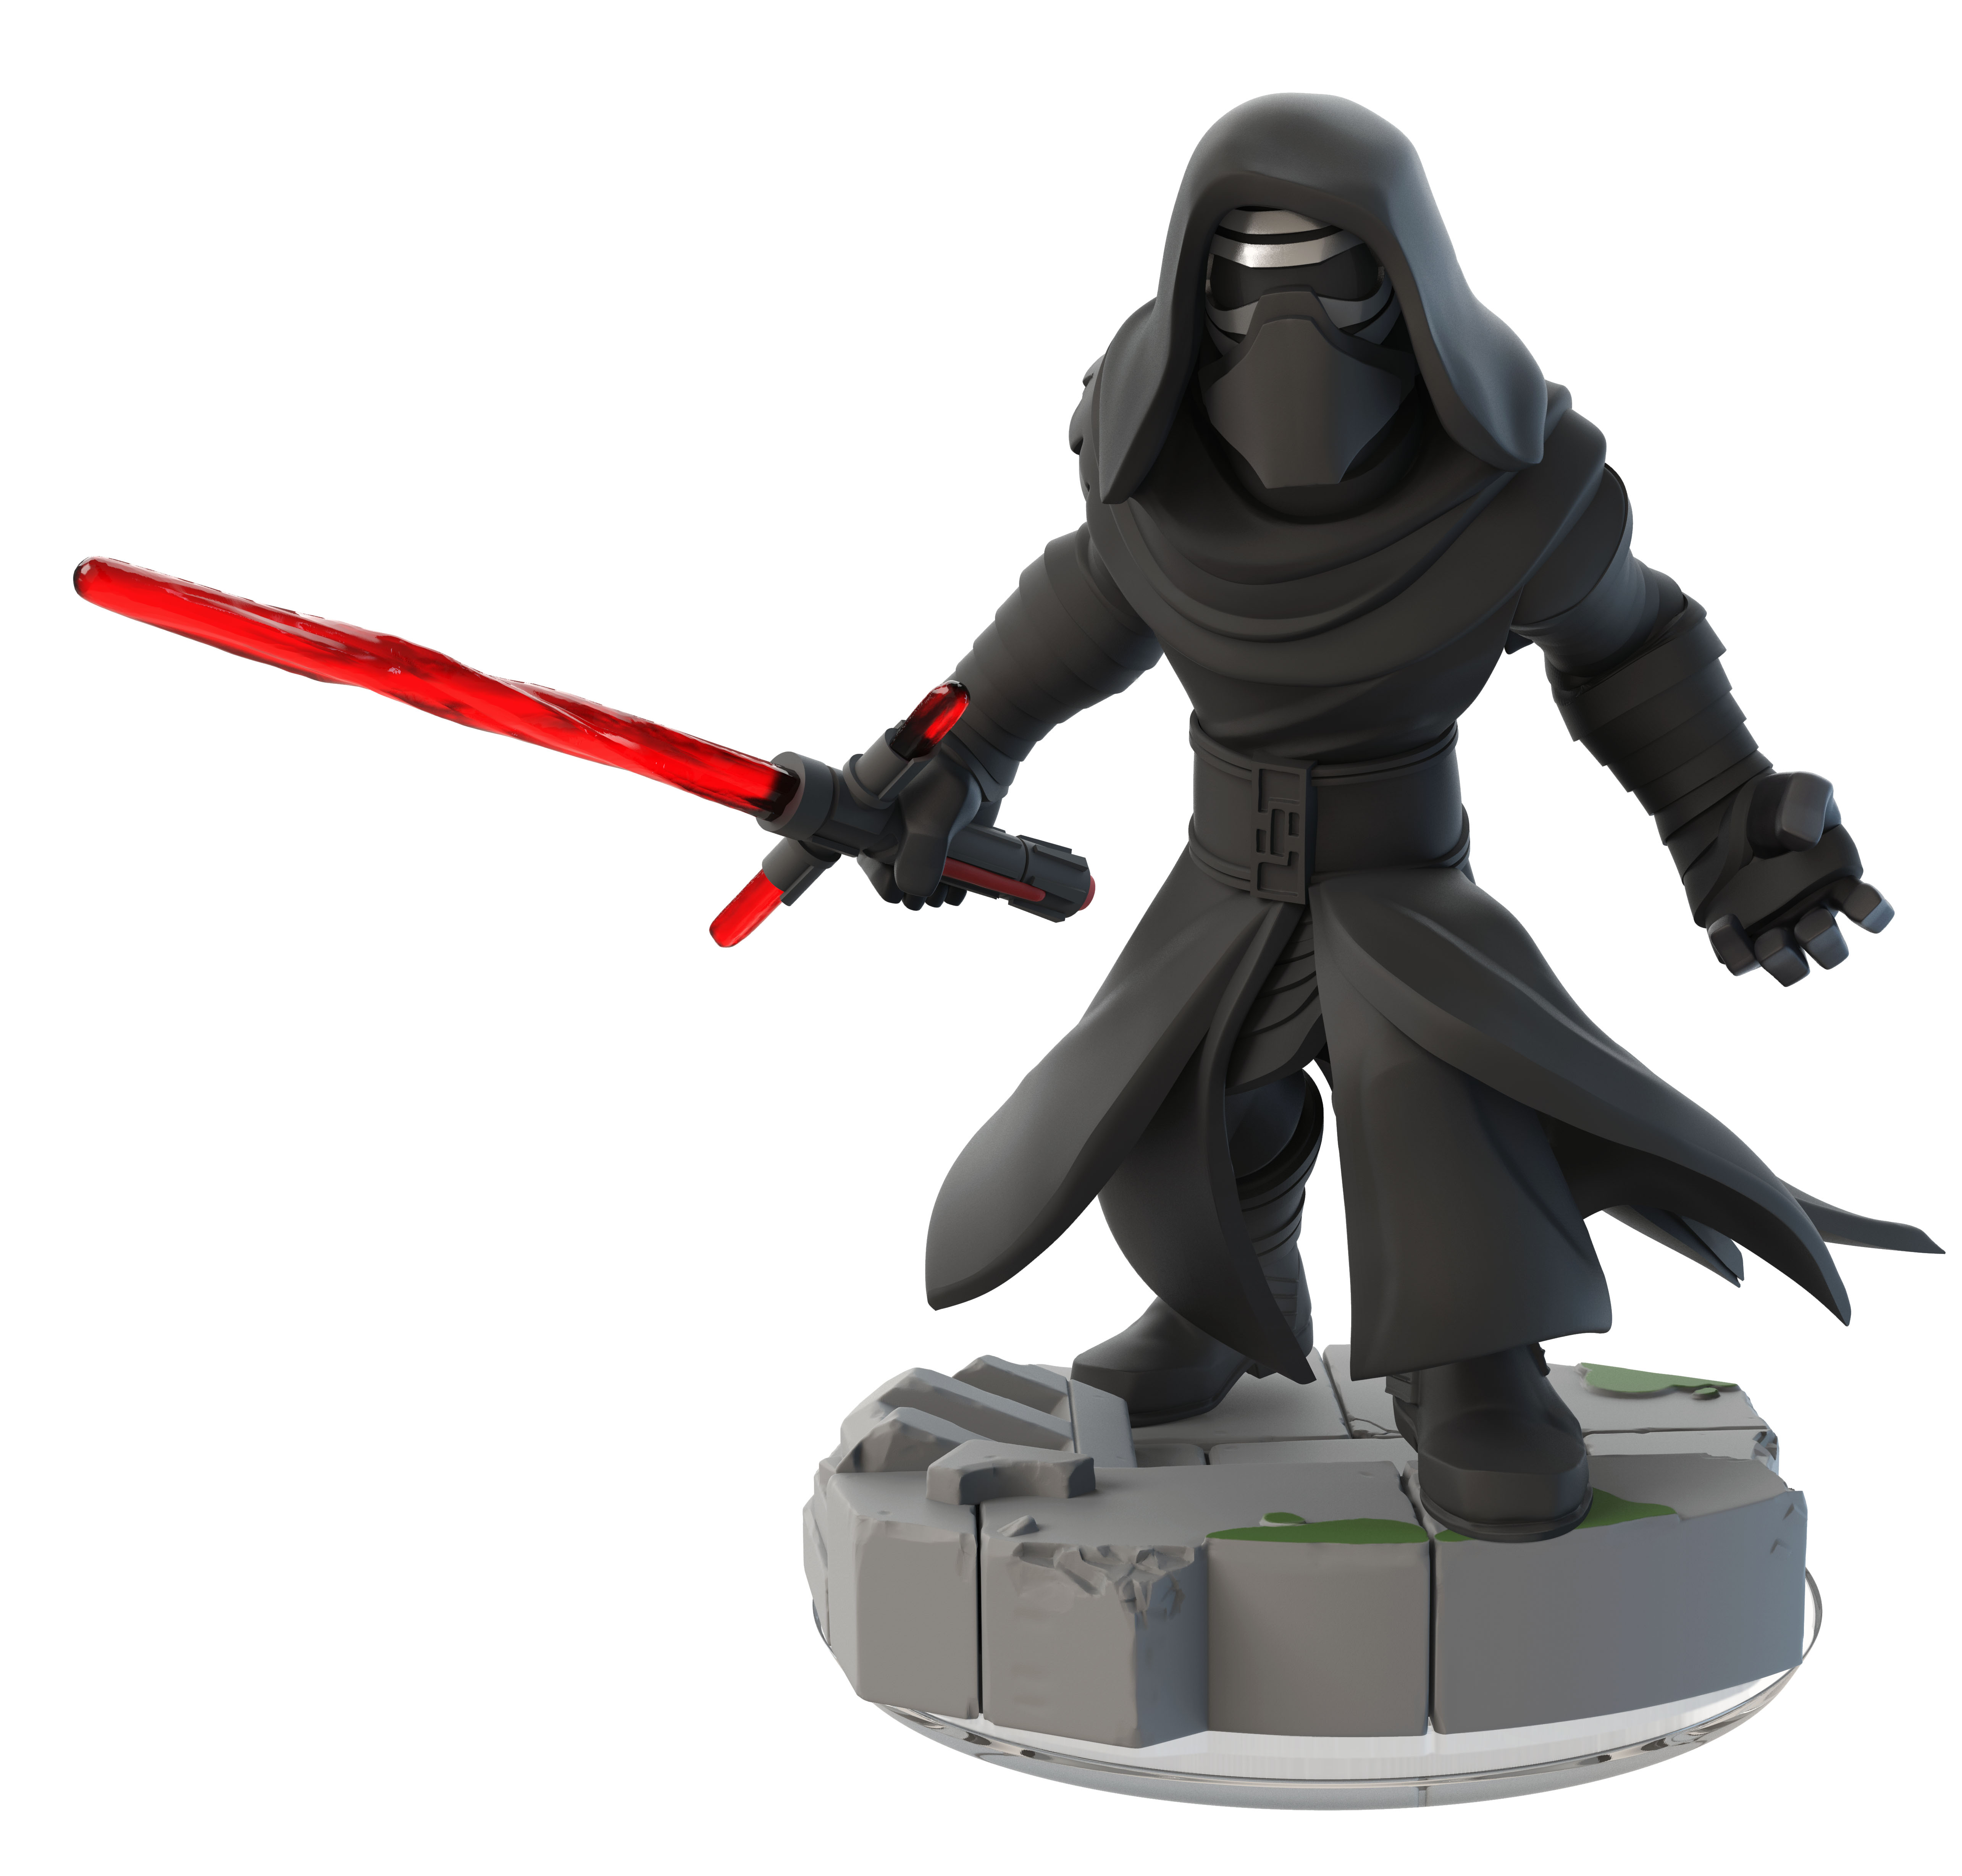 The Force Awakens - Kylo Ren